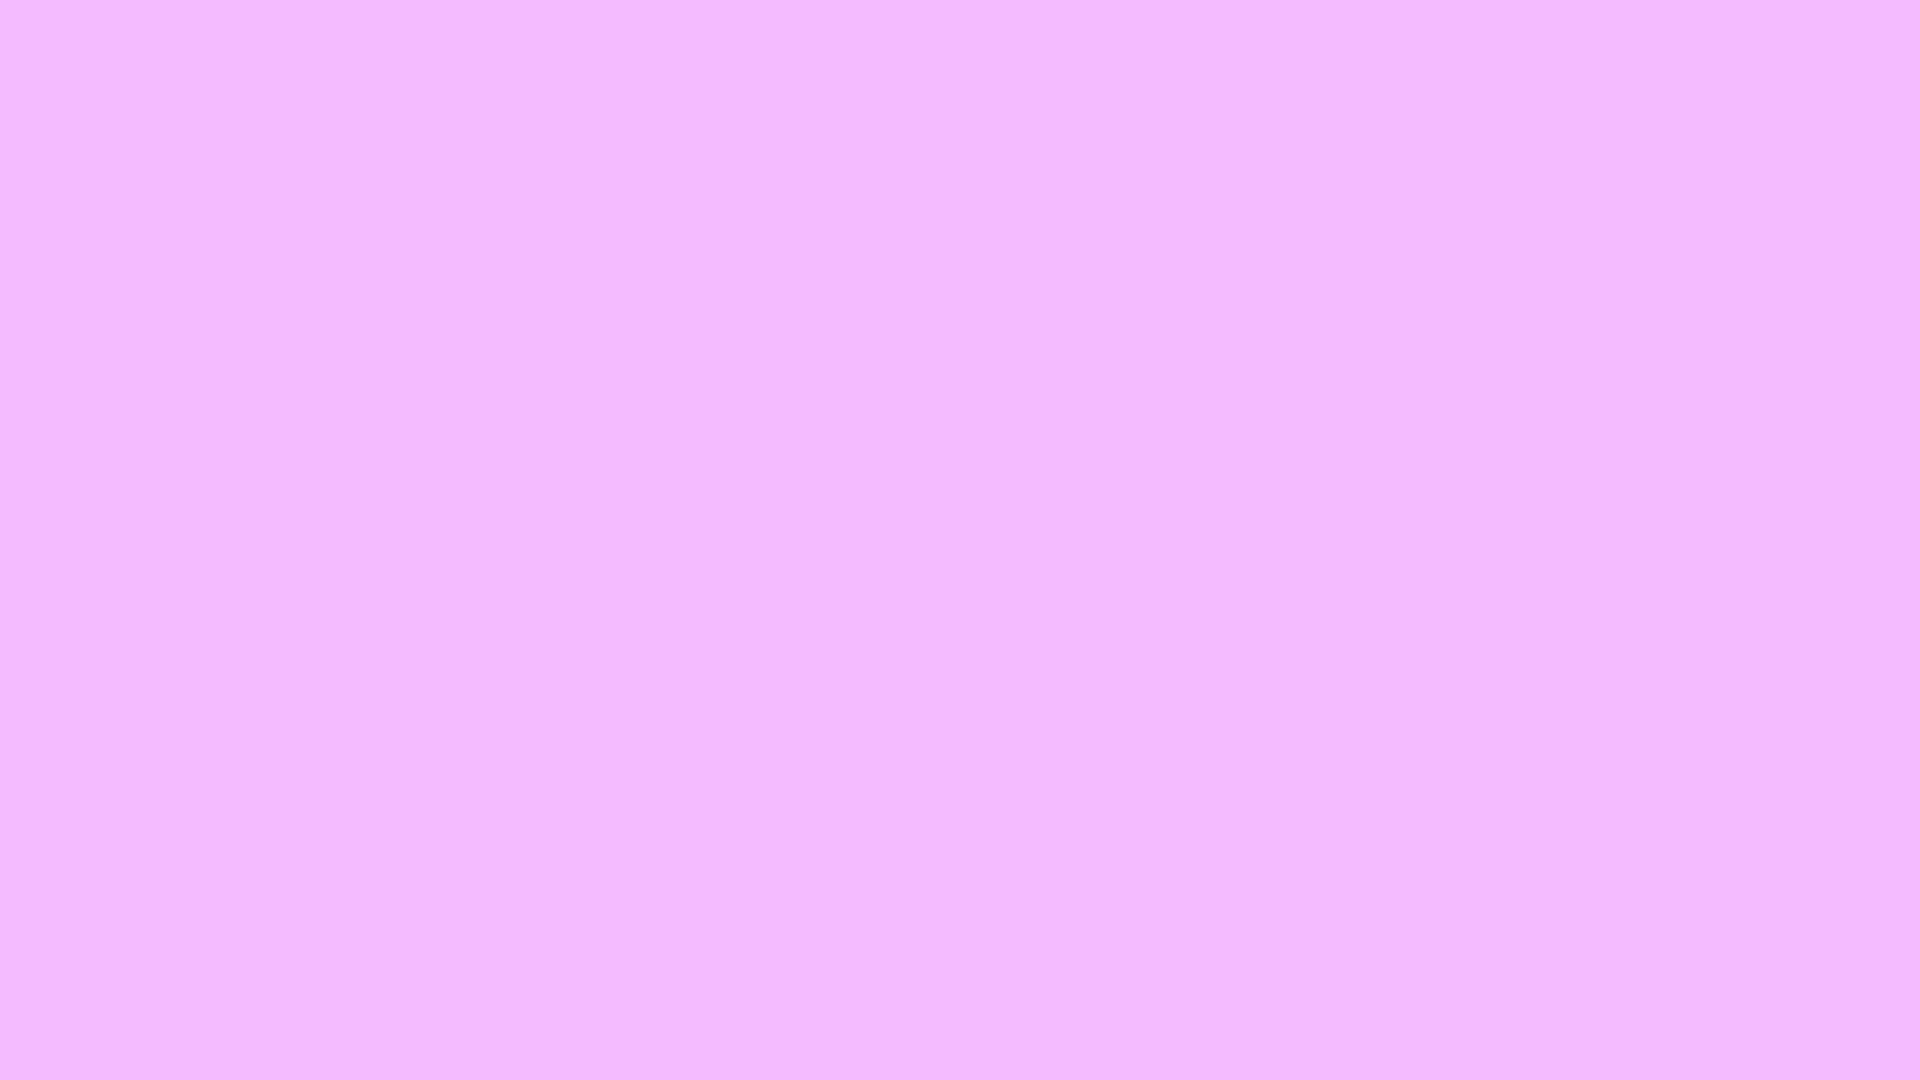 Lavender Background (43+ images)